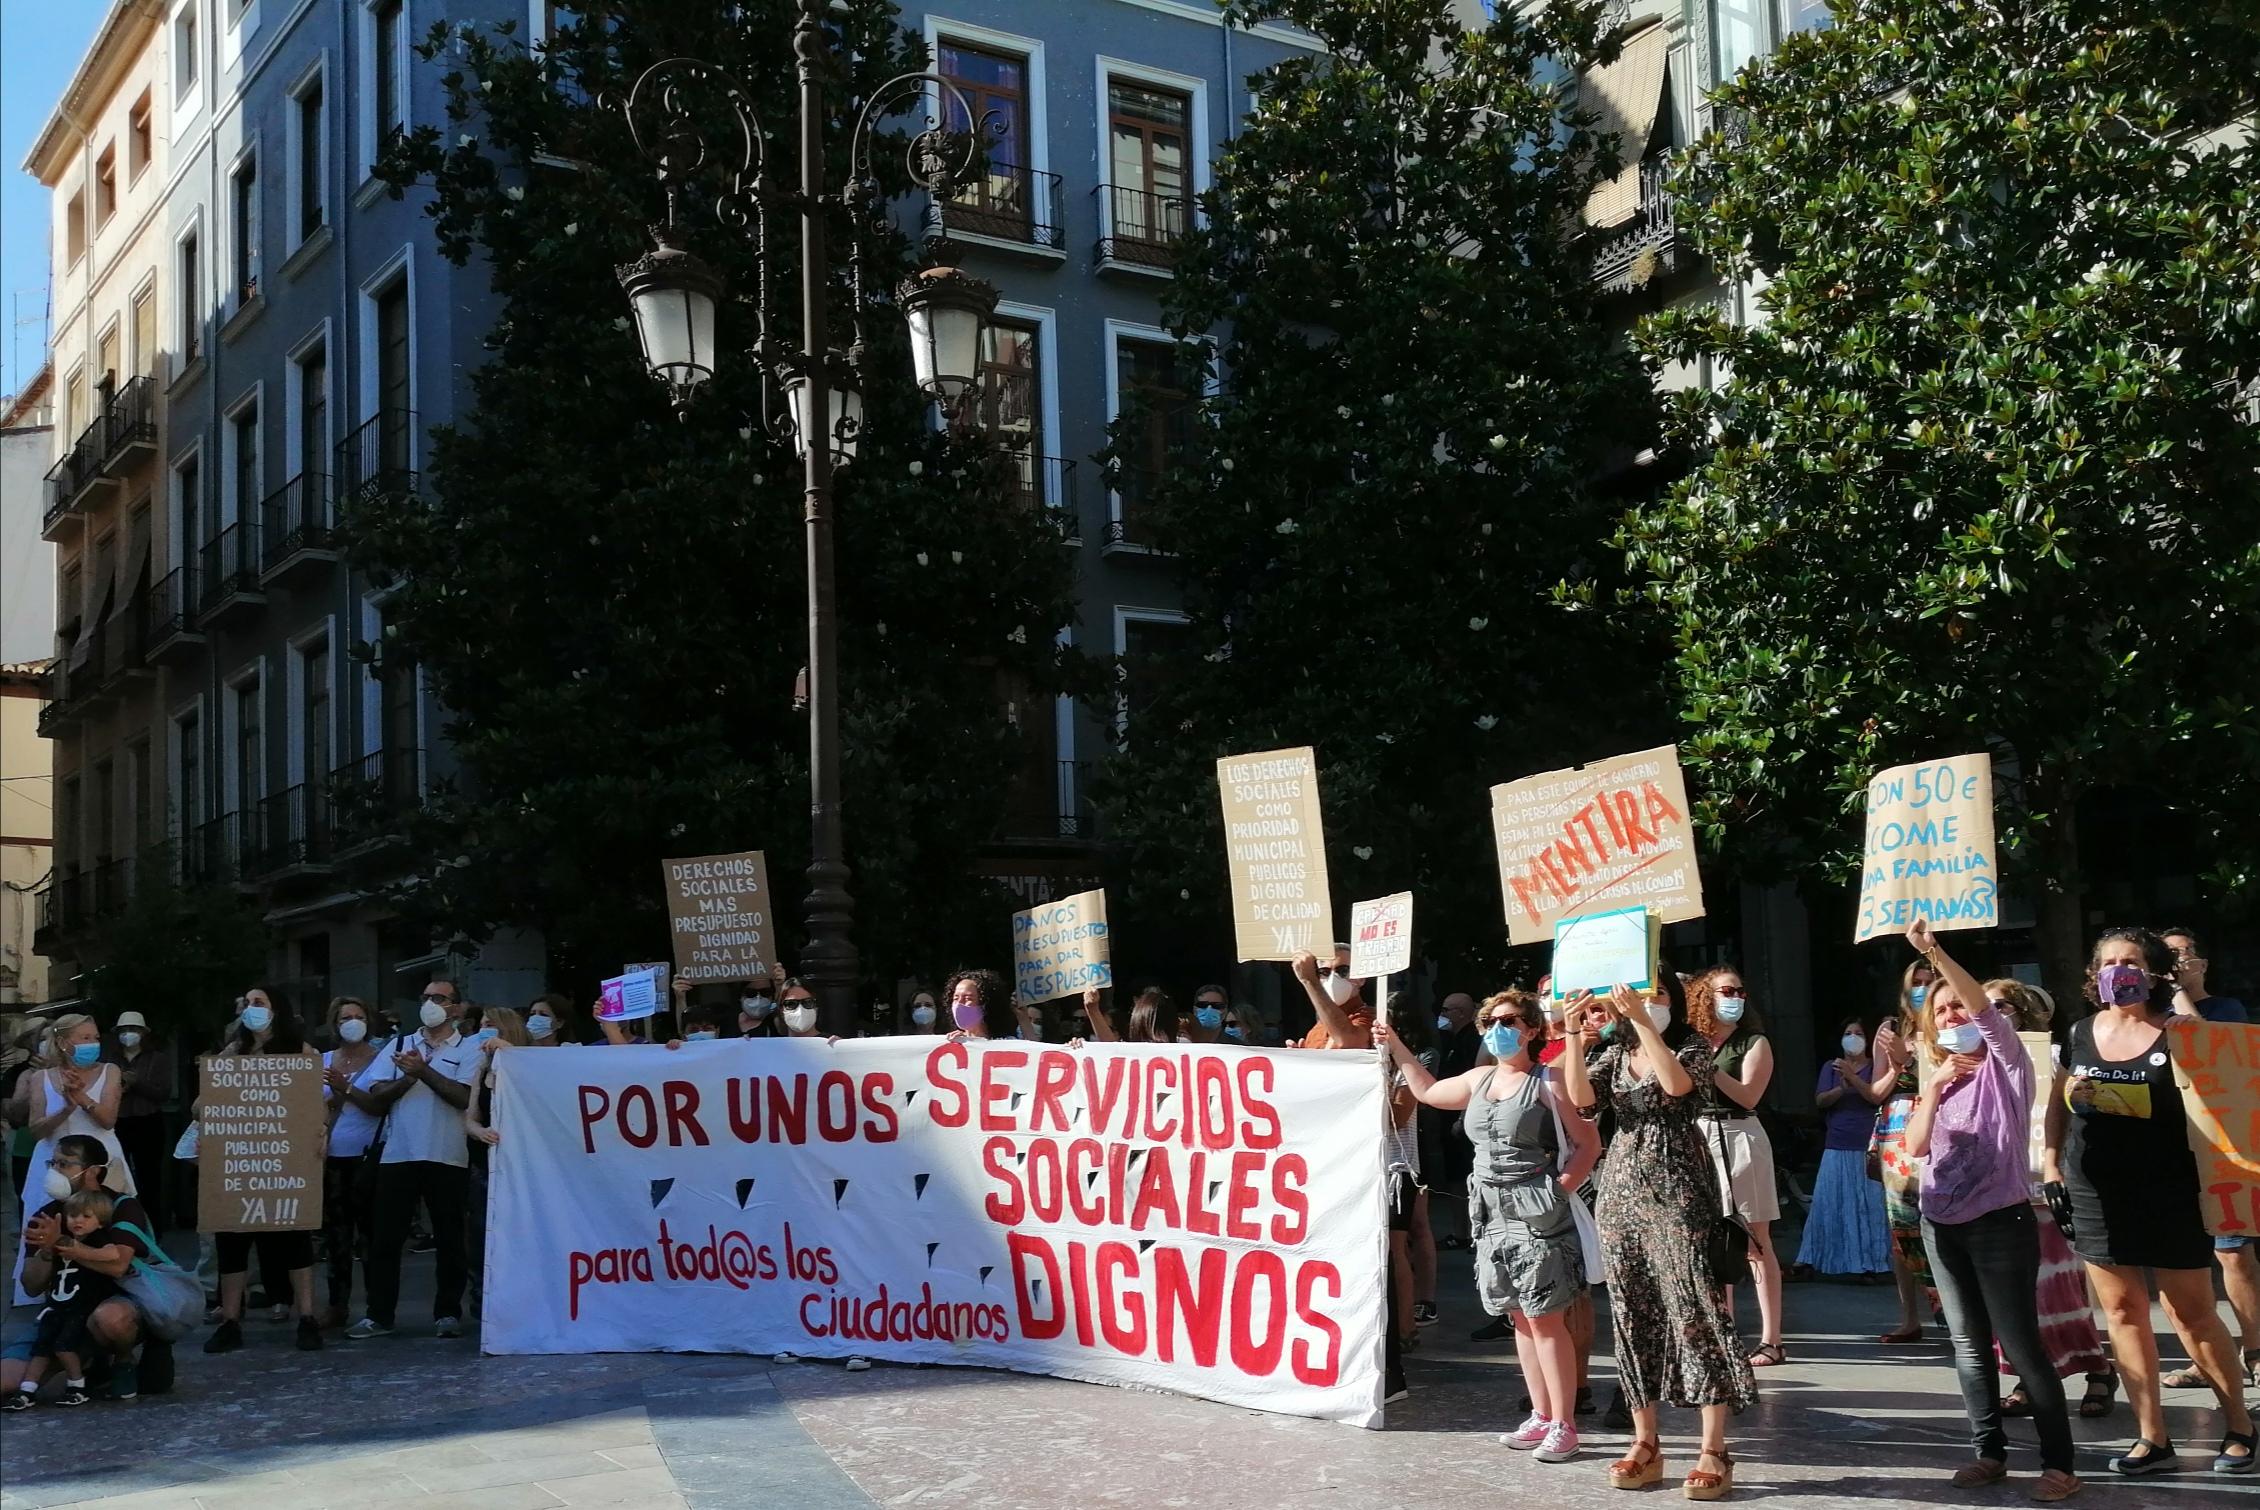 El personal de derechos sociales del Ayuntamiento exige que se recomponga el área